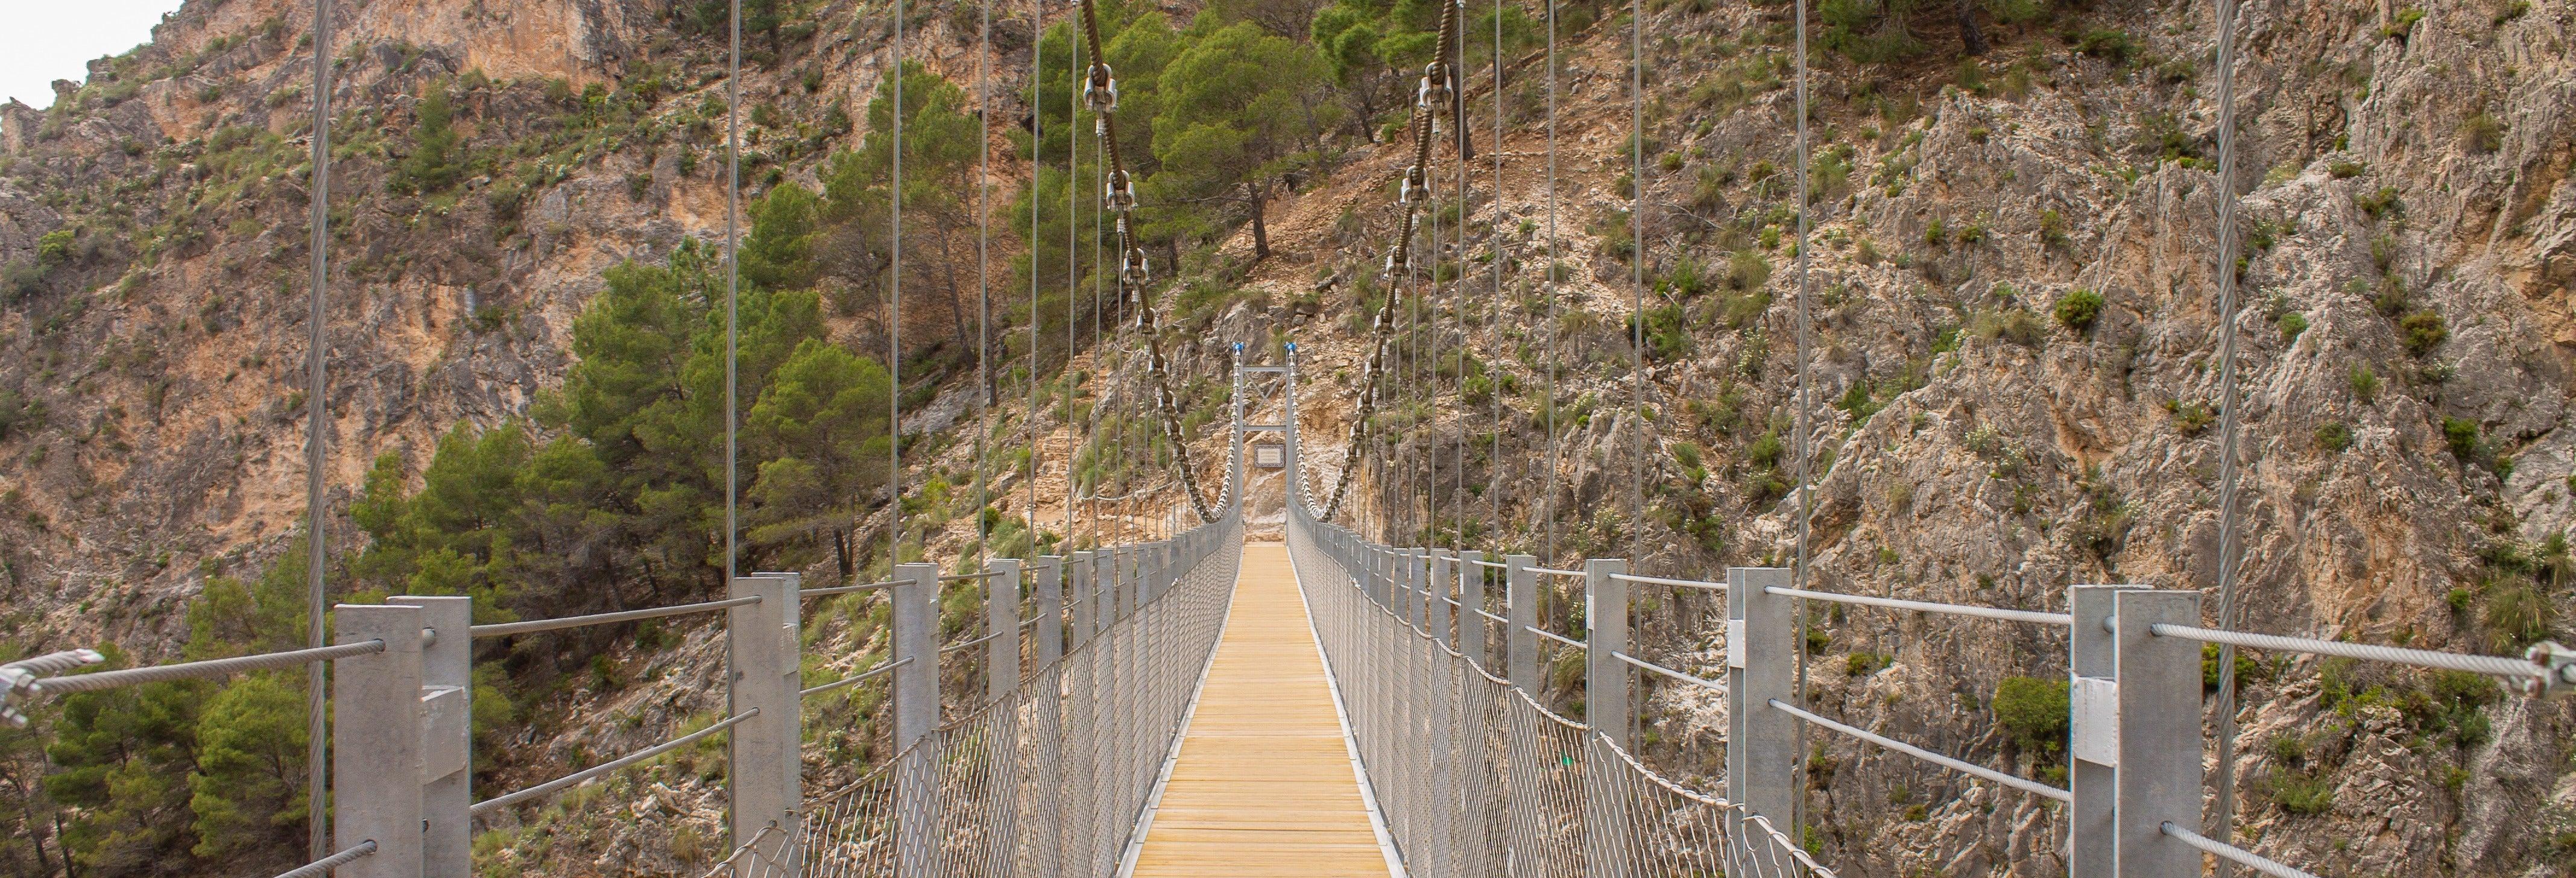 Excursión a Canillas de Aceituno y El Saltillo